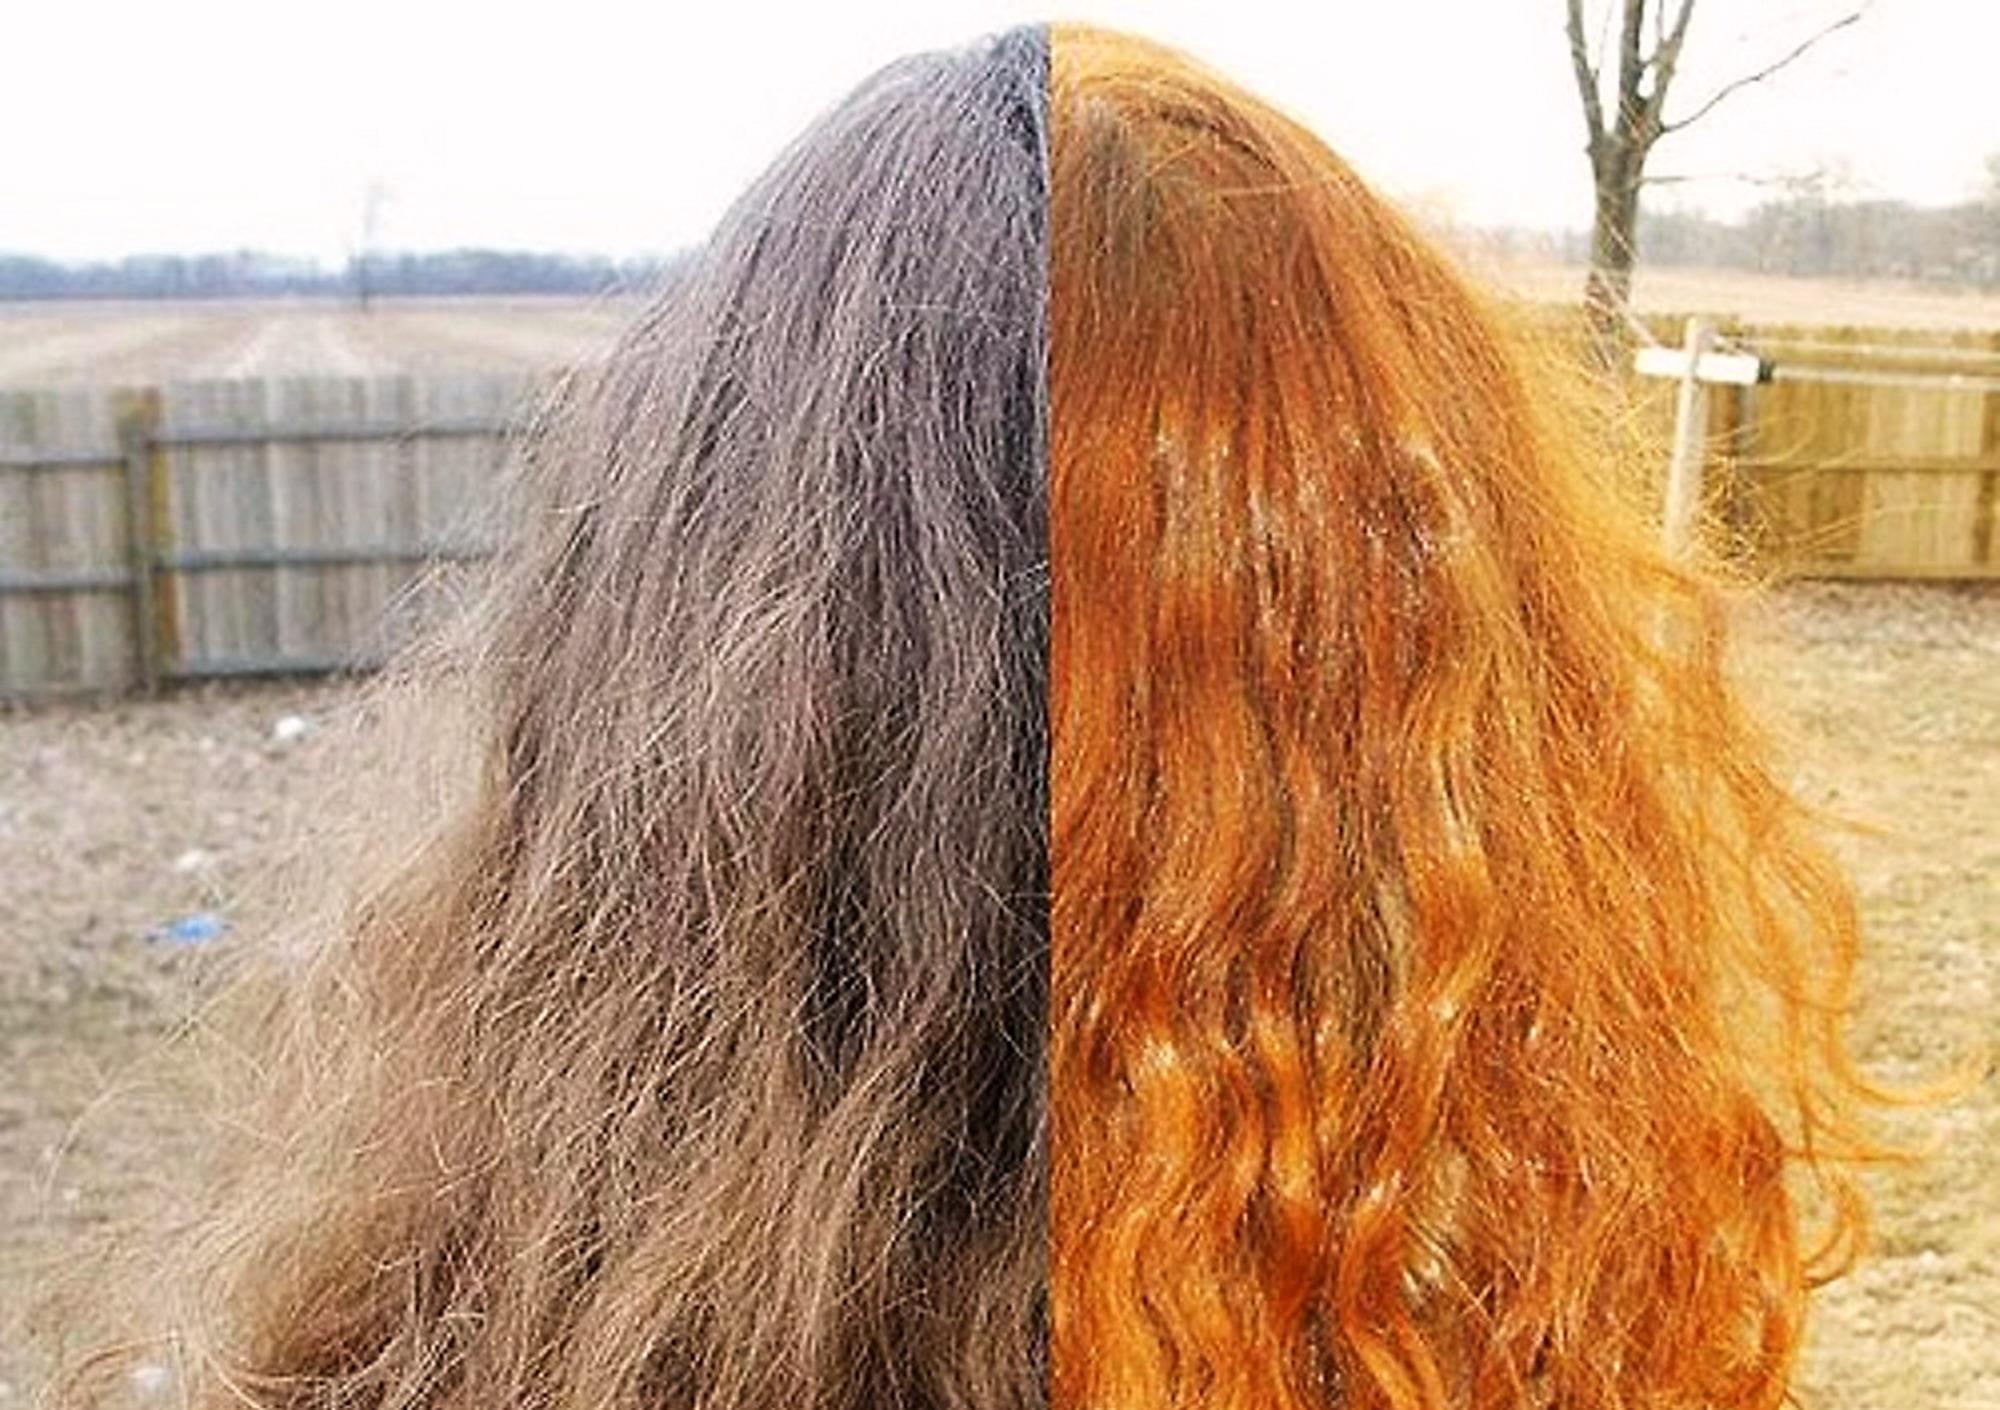 Fabuleux Perché non riesco a coprire i capelli bianchi con l'henné? Ecco  FM84